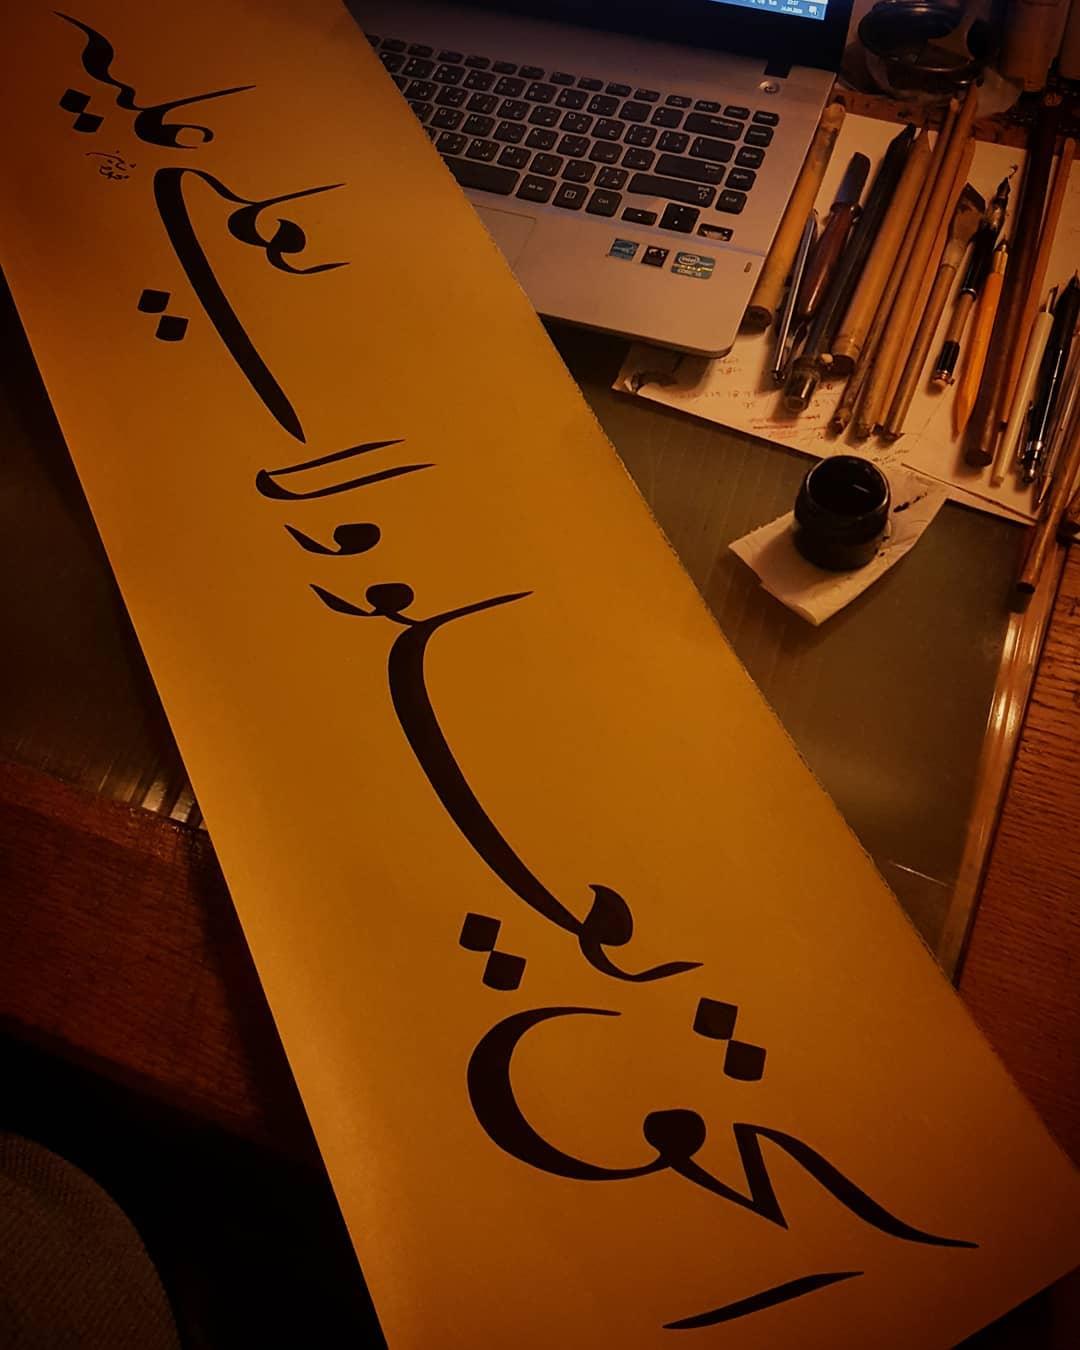 Donwload Photo 2020 Ramazan-ıŞerif yazıları 2 Hak Yücedir, Ondan üstün ve yüce hiçbir şey yoktu...- Hattat Mahmud 1